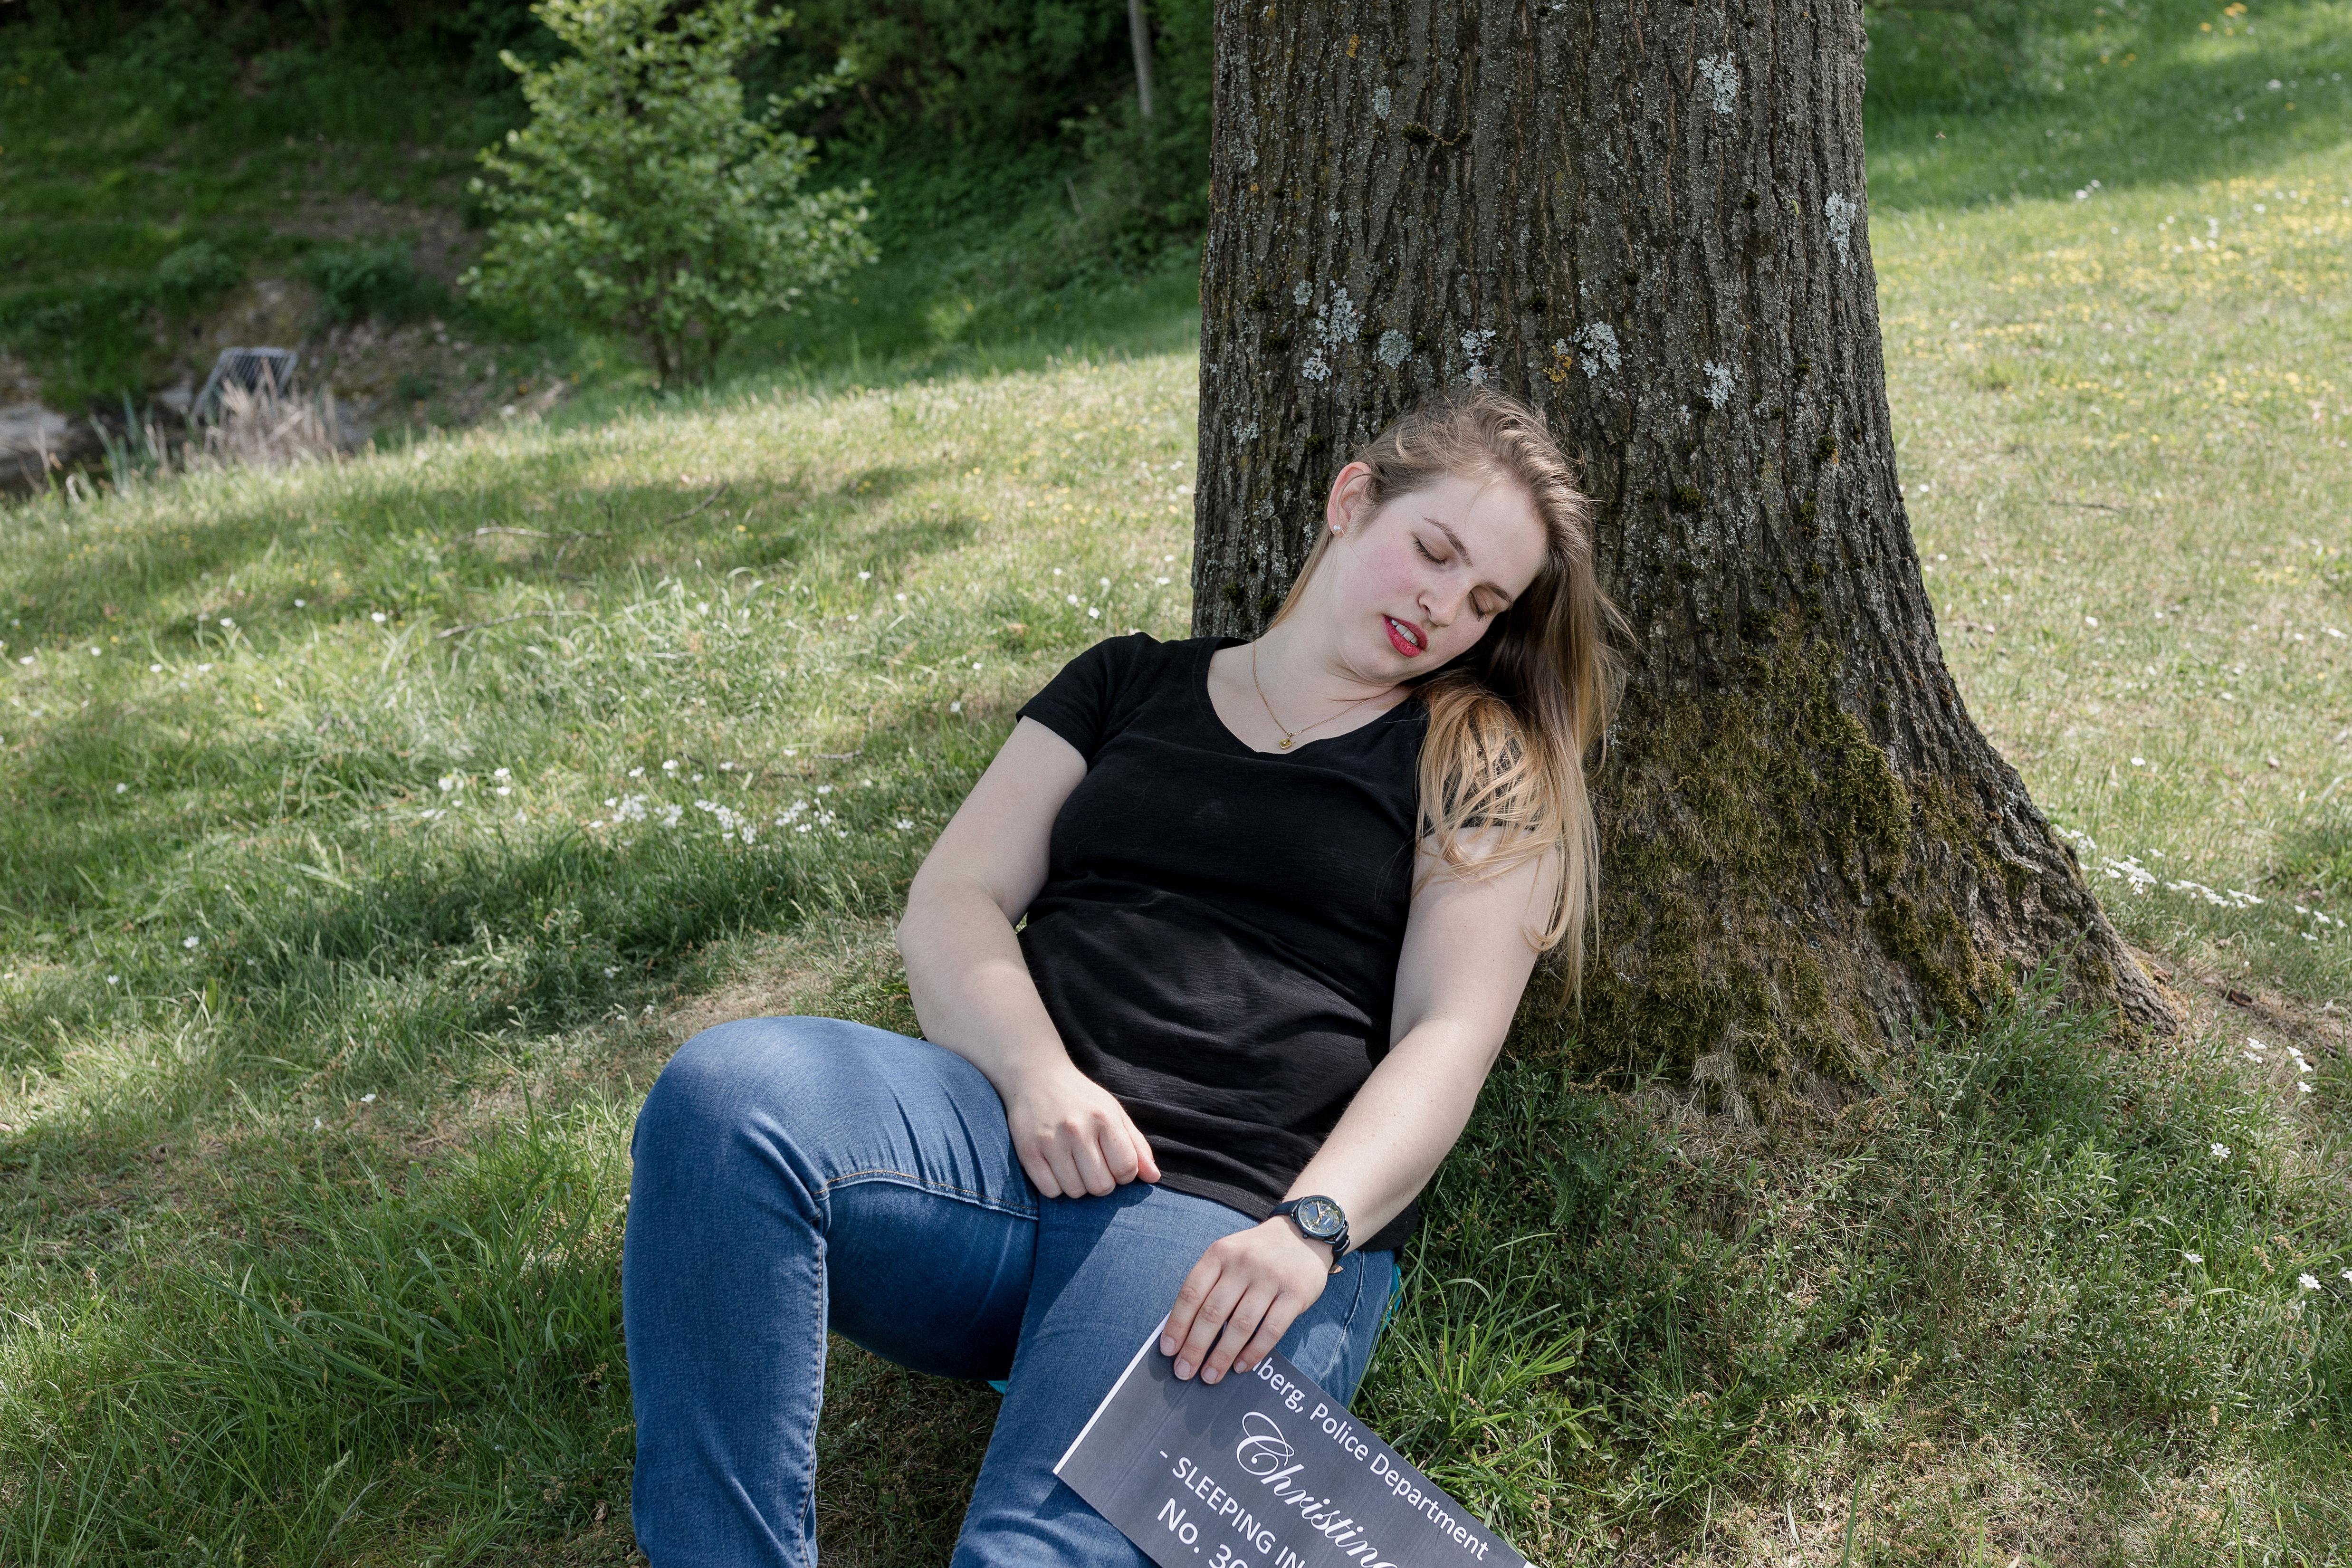 URBANERIE_Daniela_Goth_Vintage_Fotografin_Nuernberg_Fuerth_Erlangen_180428_002_0131